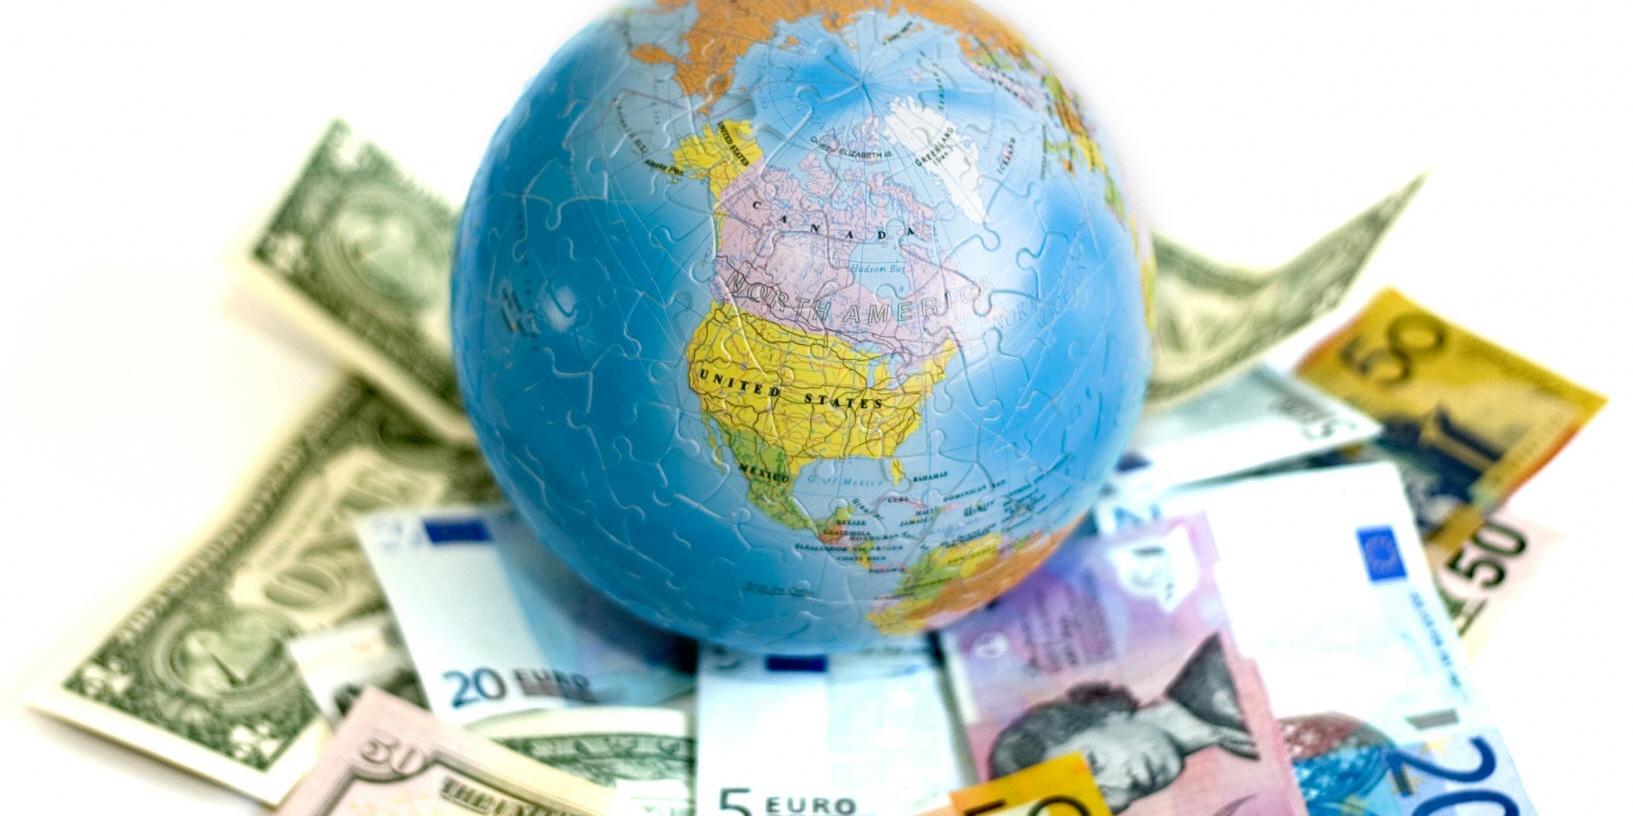 ایران؛ آماده بازگشت به سیستم اقتصاد جهانی